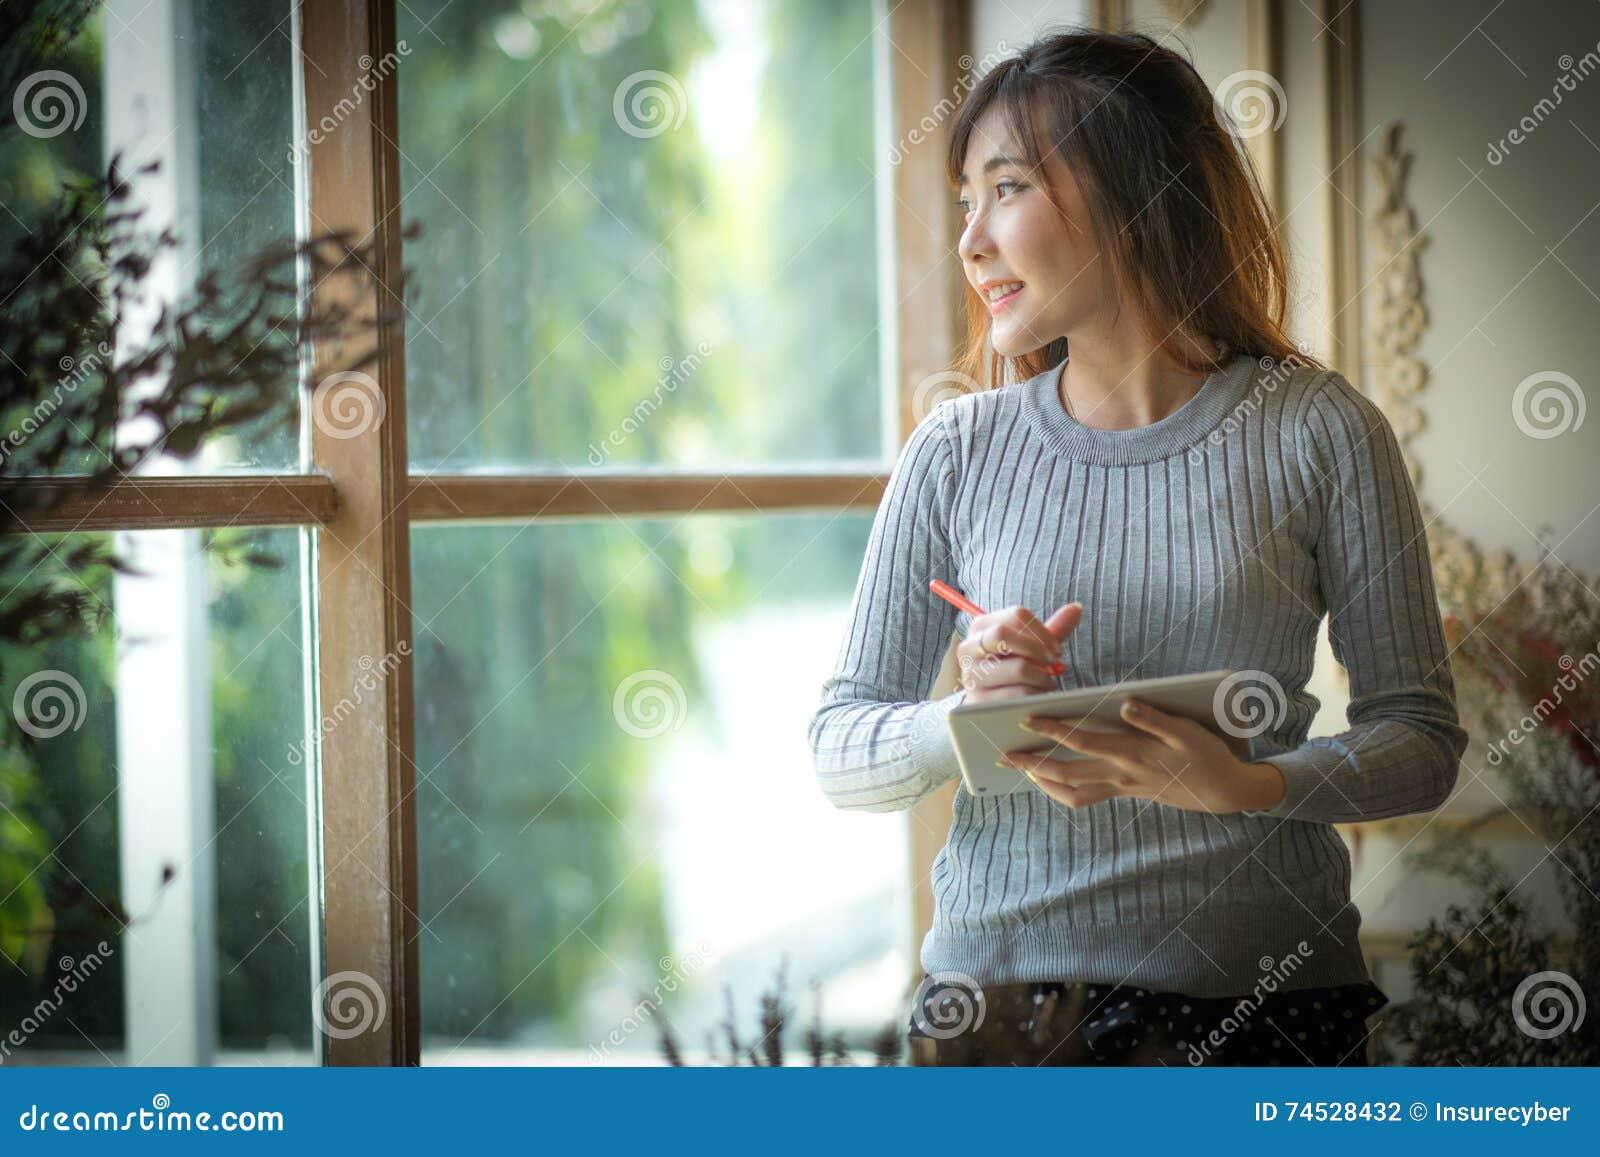 Het meisje die op de tabletcomputer texting met ruimte voor tekstadvertenties stock foto - Foto tiener ruimte meisje ...